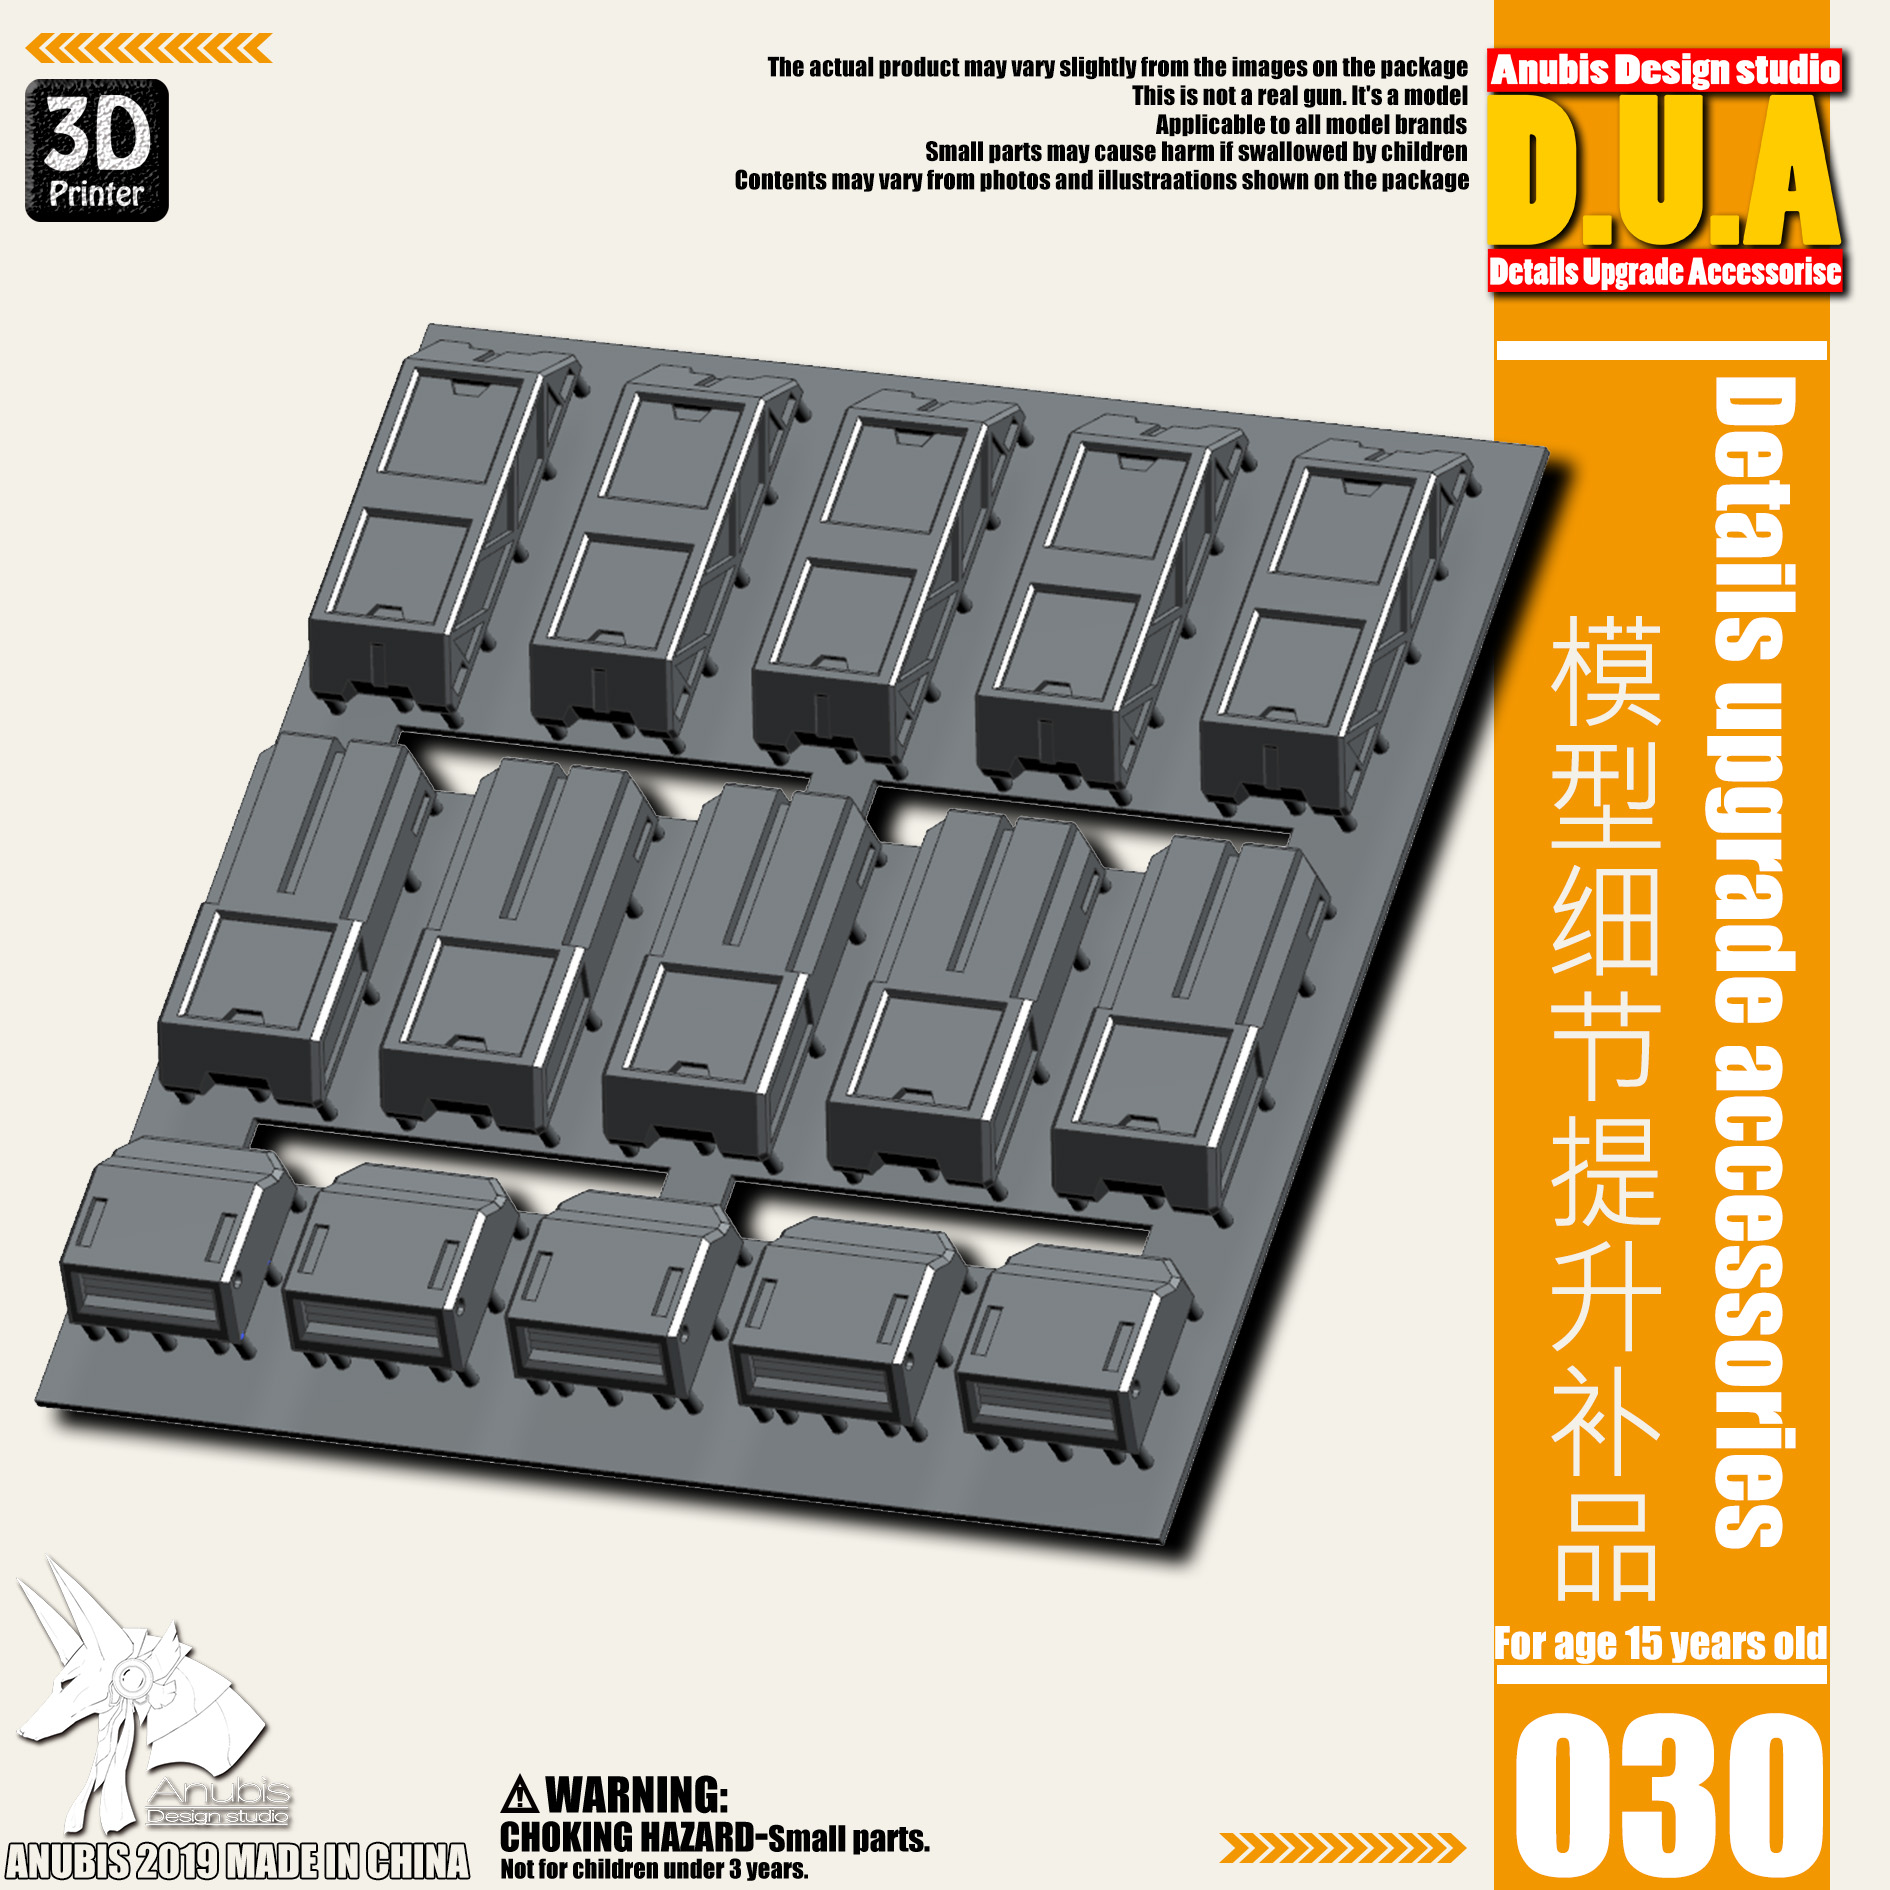 G413_DUA030_001.jpg